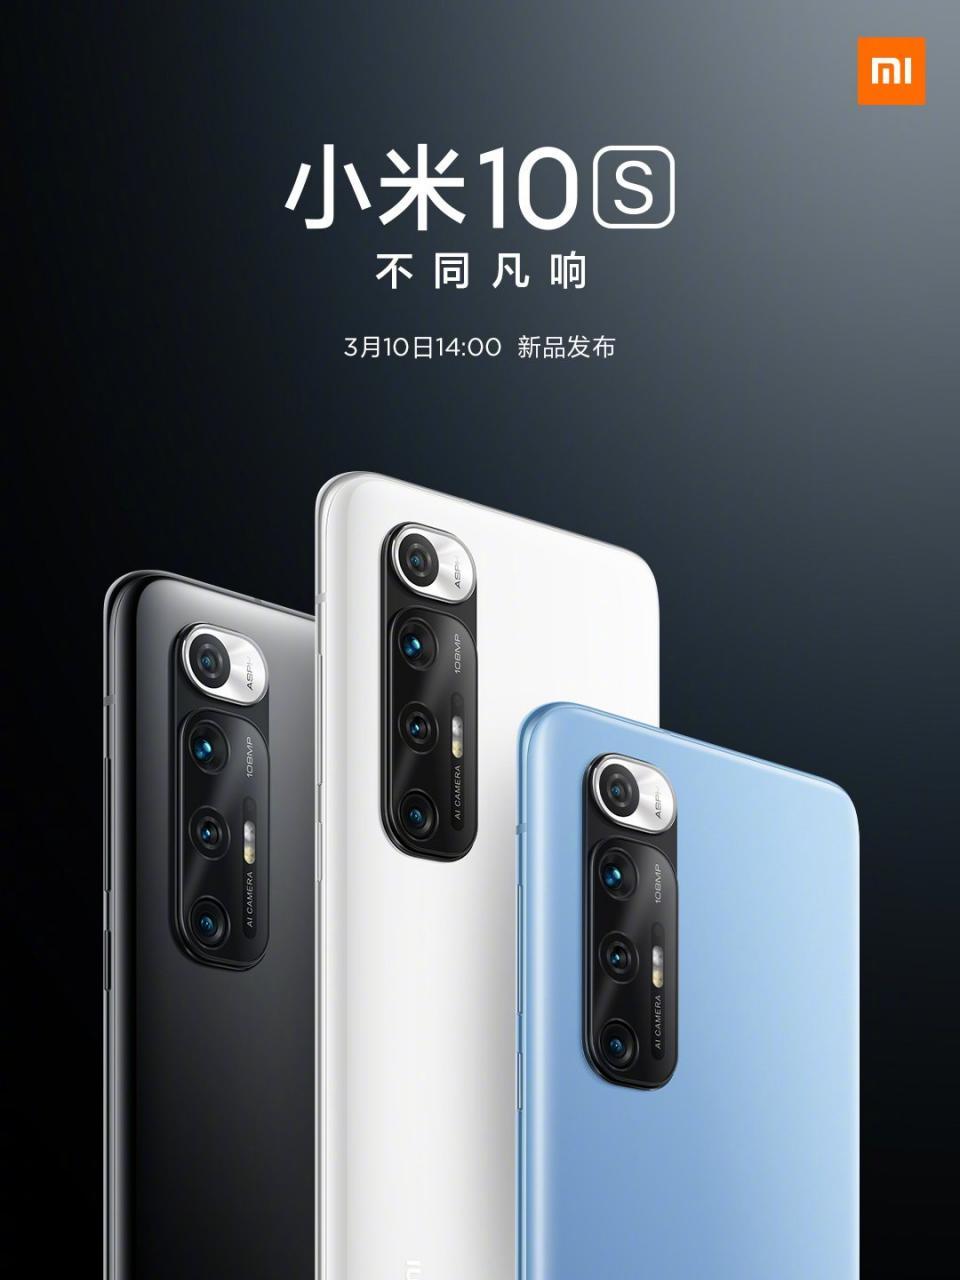 Póster de la fecha de lanzamiento de Xiaomi Mi 10S